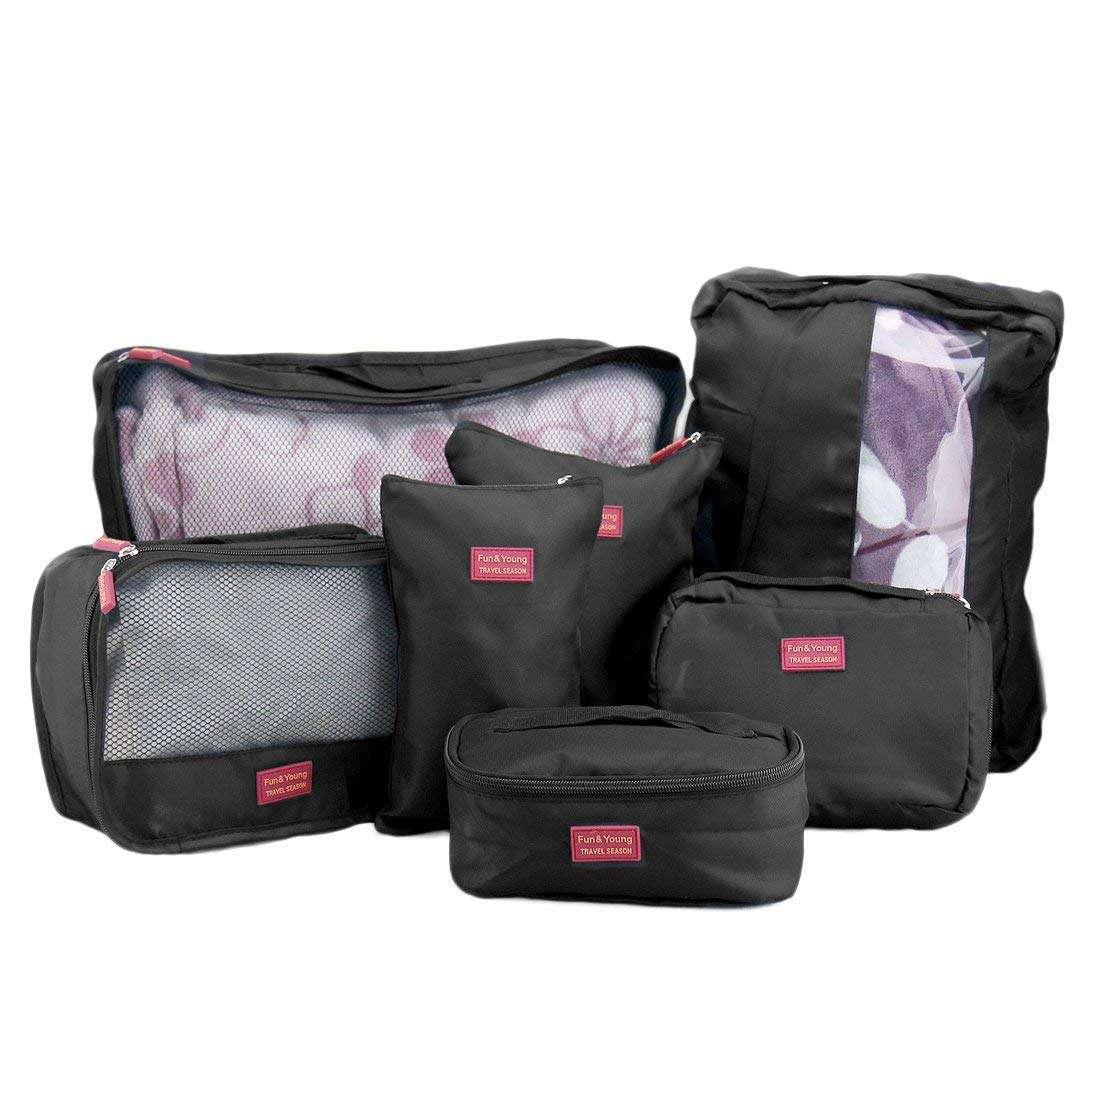 Pulchram Set of 7 Garment Bags